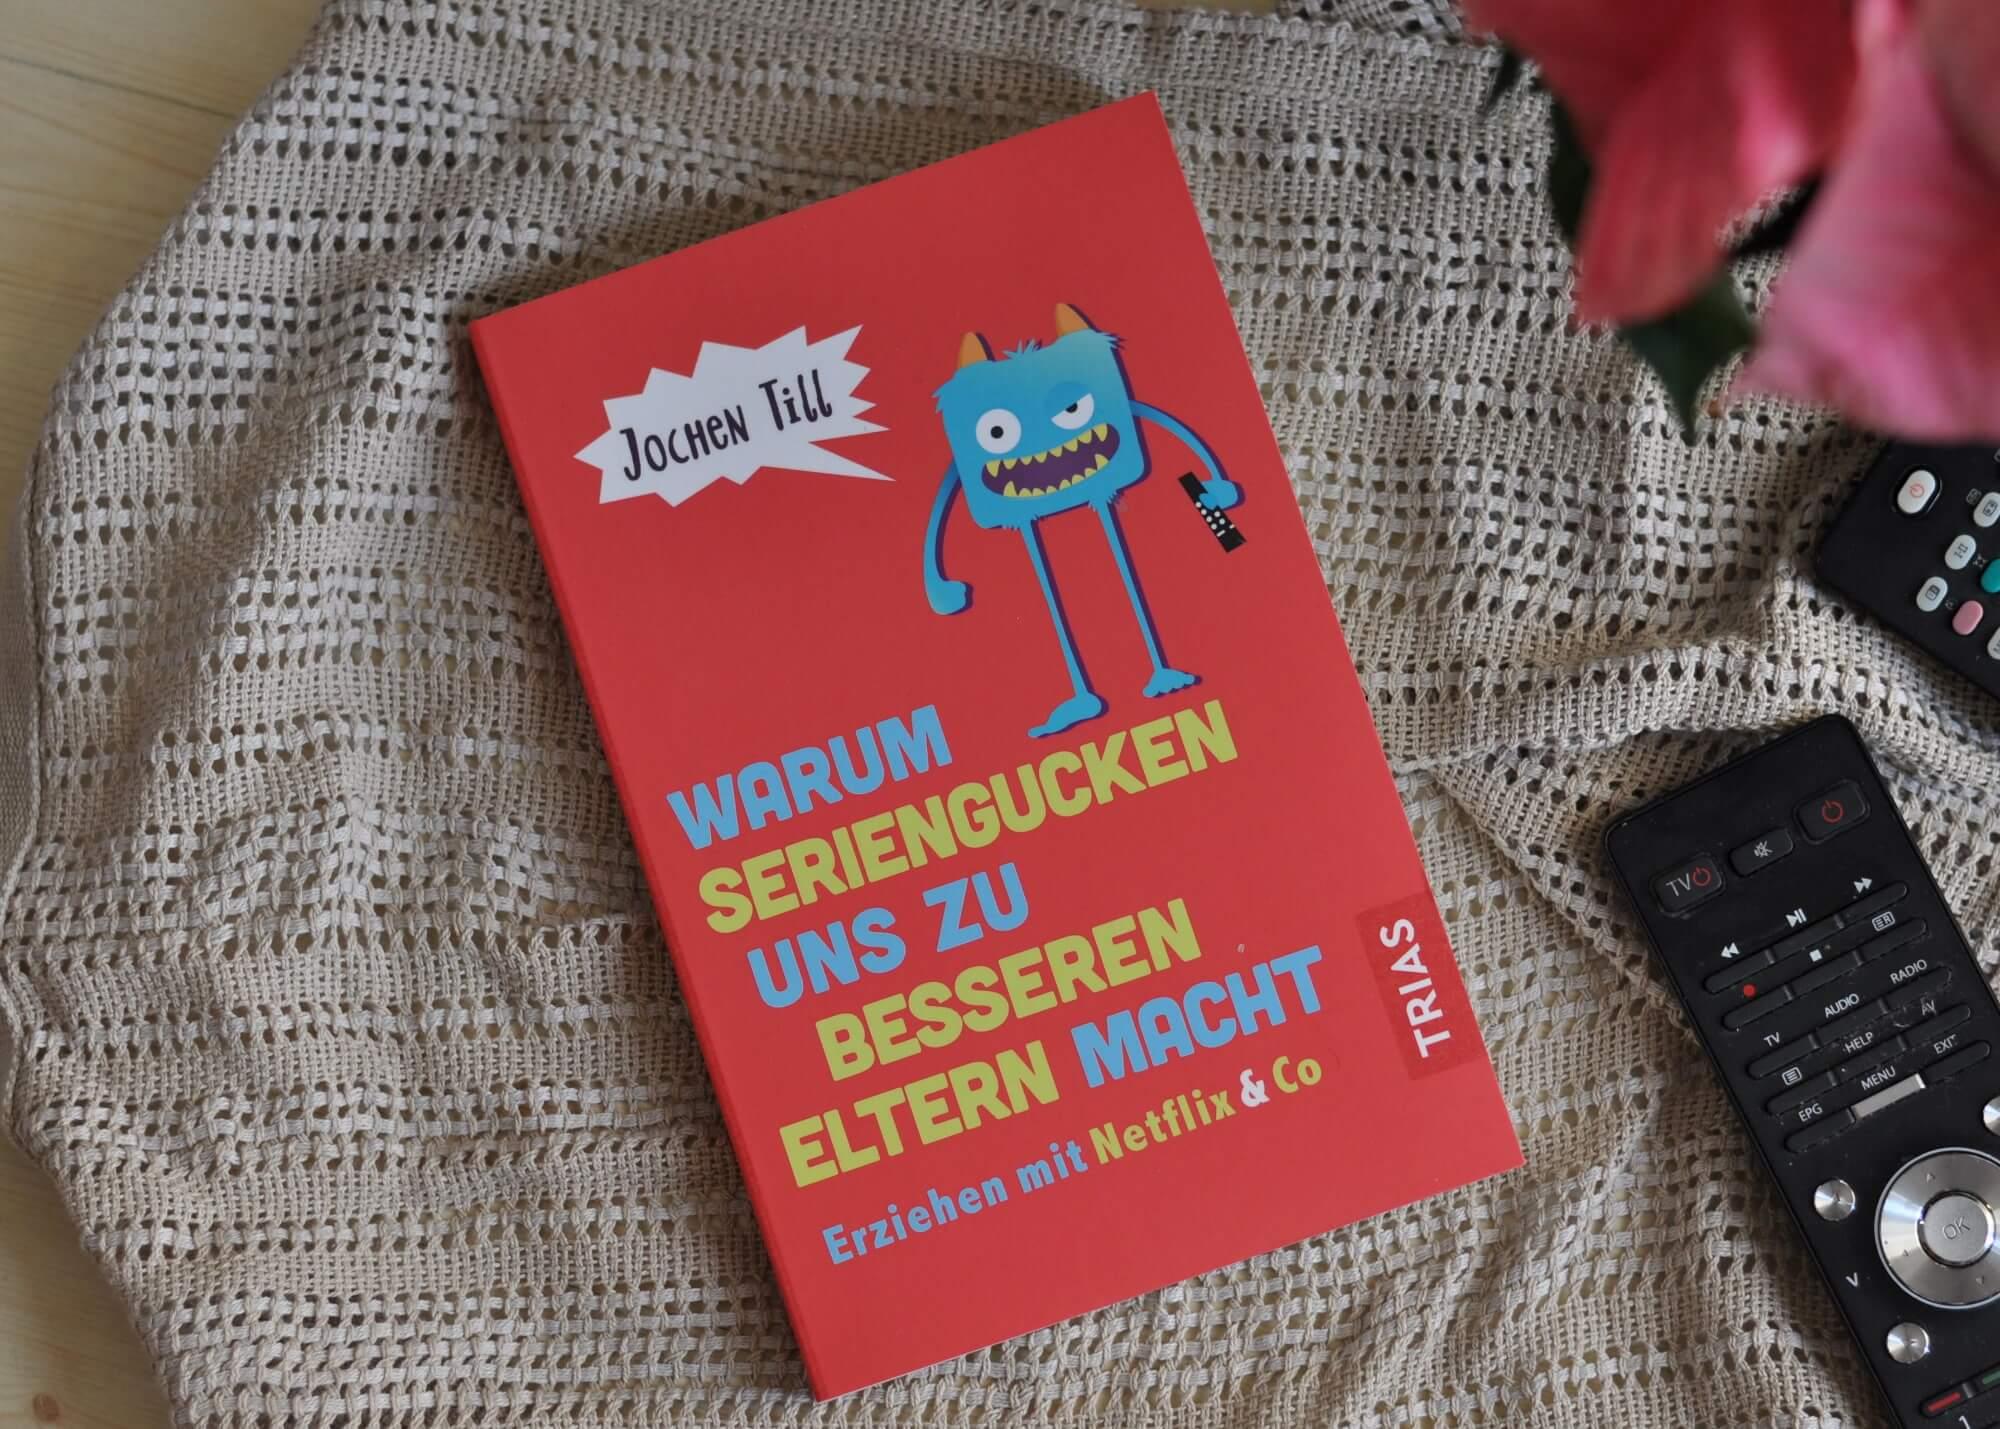 Wer einen lustigen Ratgeber zu Erziehungsfragen lesen möchte, ist hier garantiert richtig. Man sollte jedoch Sarkasmus und Ironie mögen und nicht alles zu ernst nehmen. #erziehung #ratgeber #netflix #serie #buch #lesen #serienjunkie #sachbuch #eltern